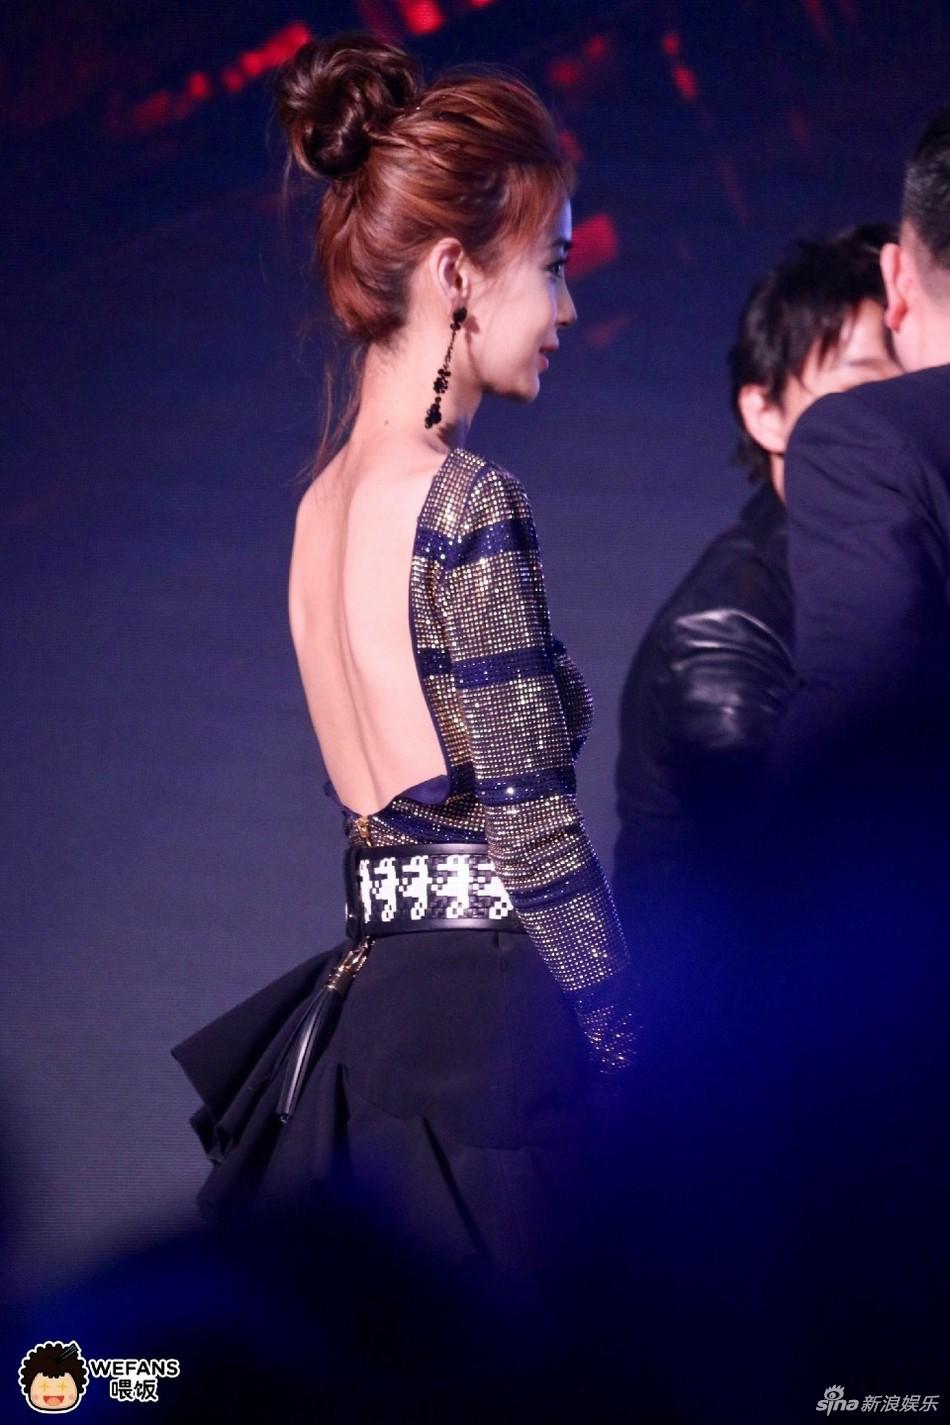 Vẫn biết Angela Baby đẹp, nhưng netizen vẫn đòi phát khóc với loạt ảnh khoe chân dài và lưng trần gợi cảm - Ảnh 3.